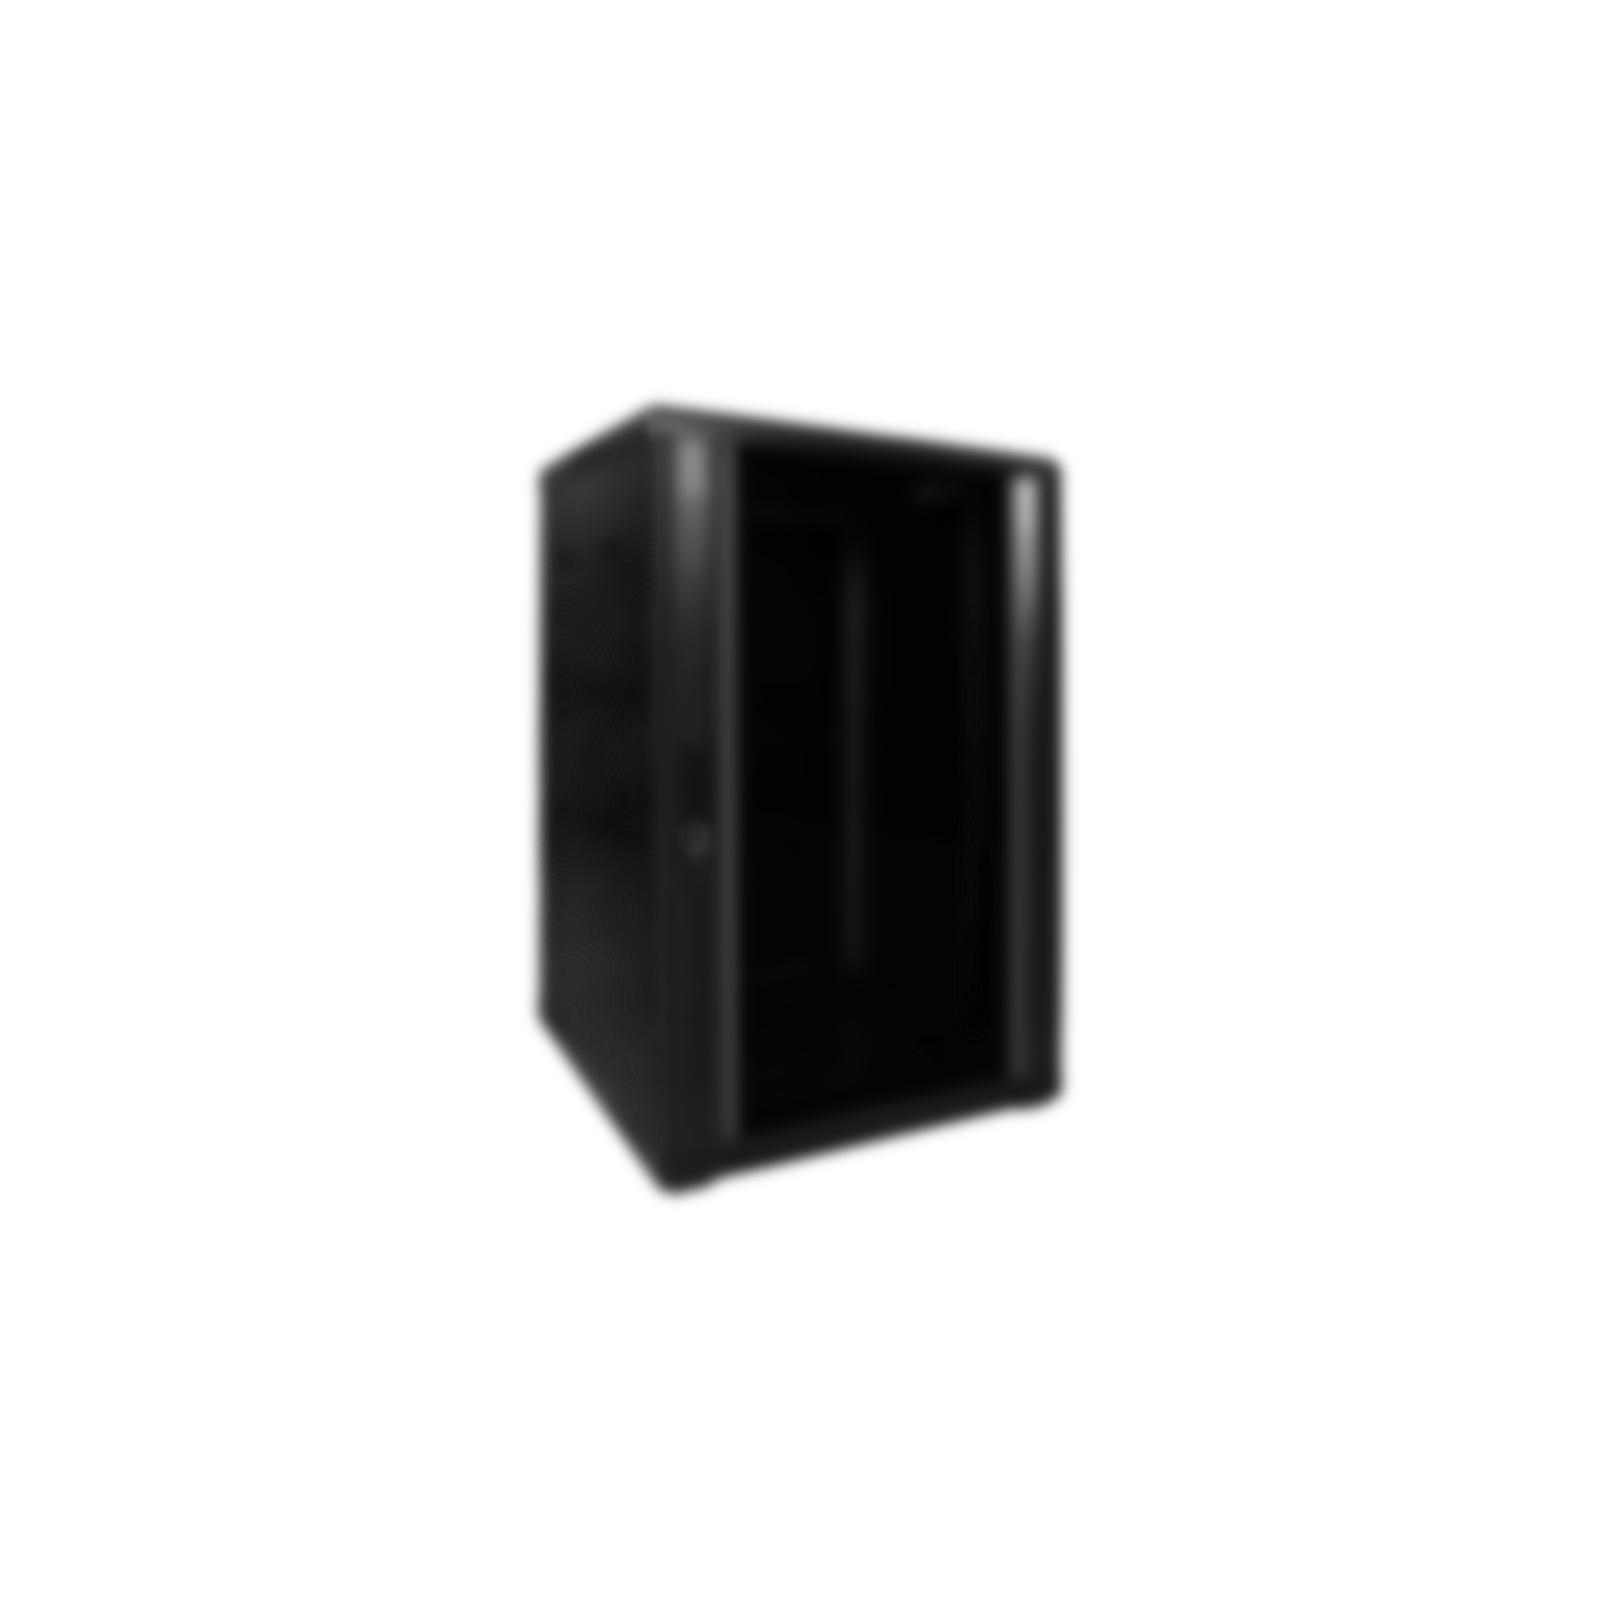 Afbeelding van 17 inch zwart afdek paneel om monitor op 19 patchkast te monteren. Afmetingen (BxDxH): 19 x 10mm x10U